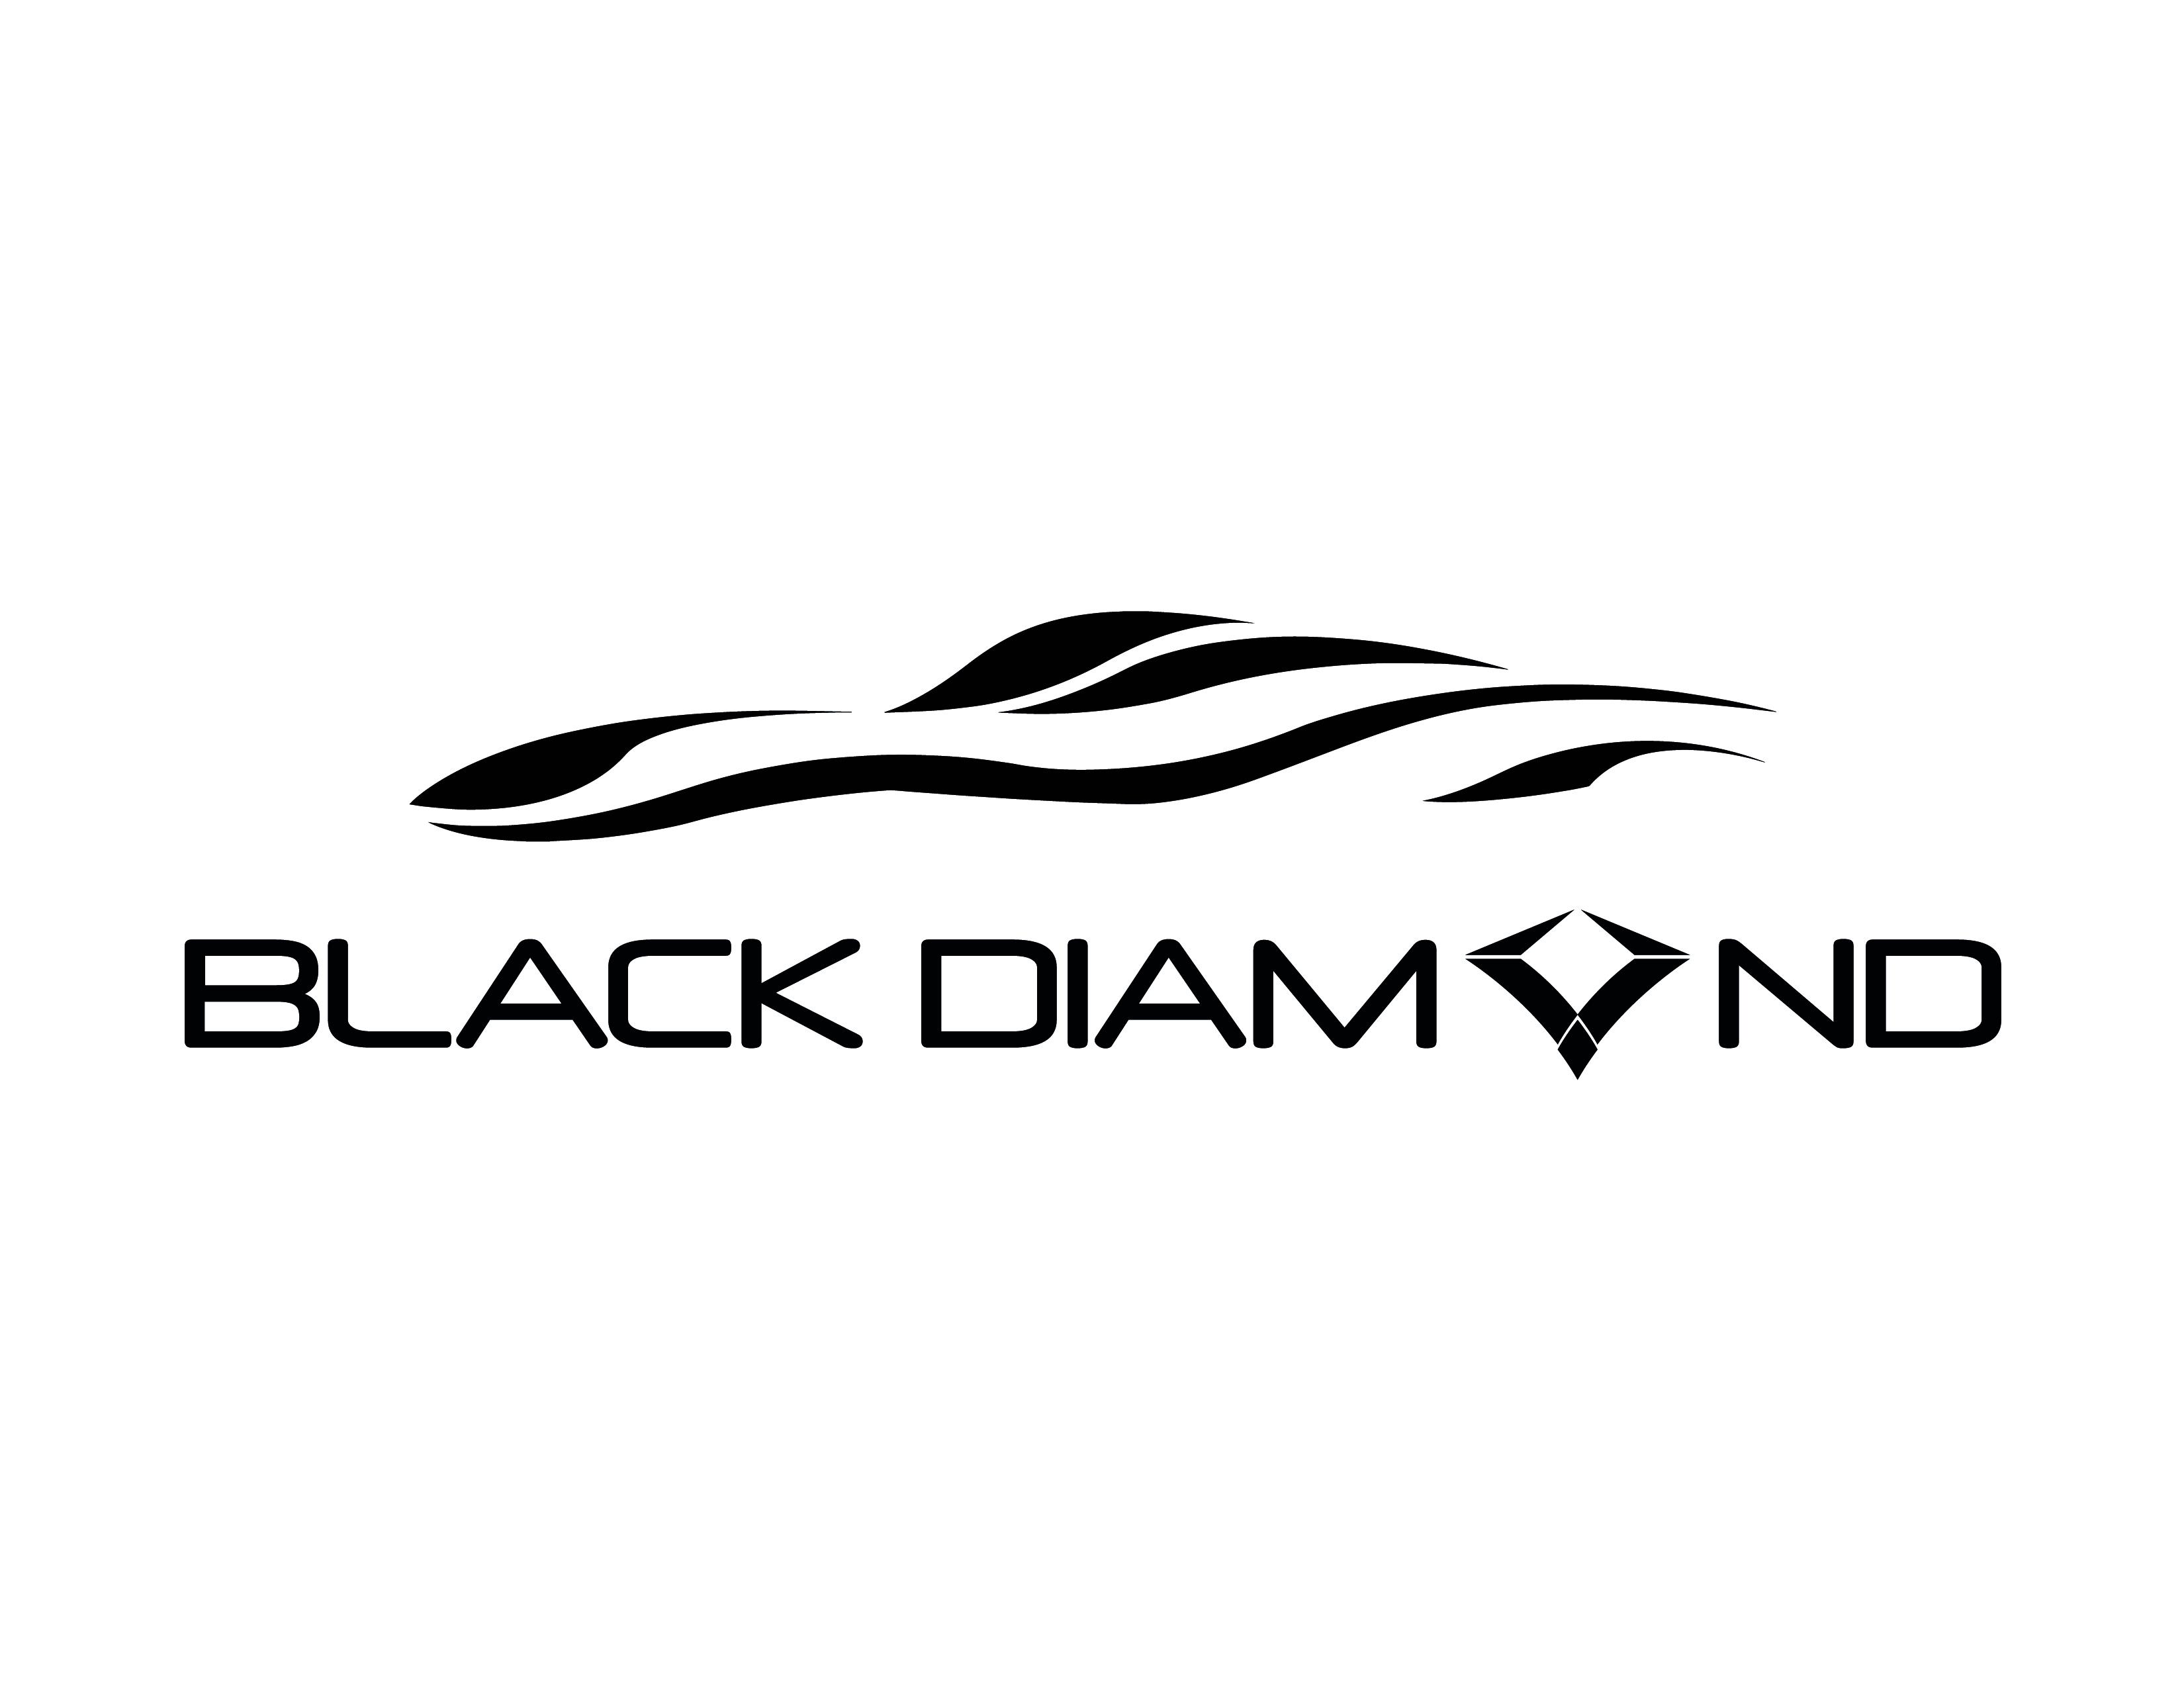 Ver más vehículos de Black Diamond Cars